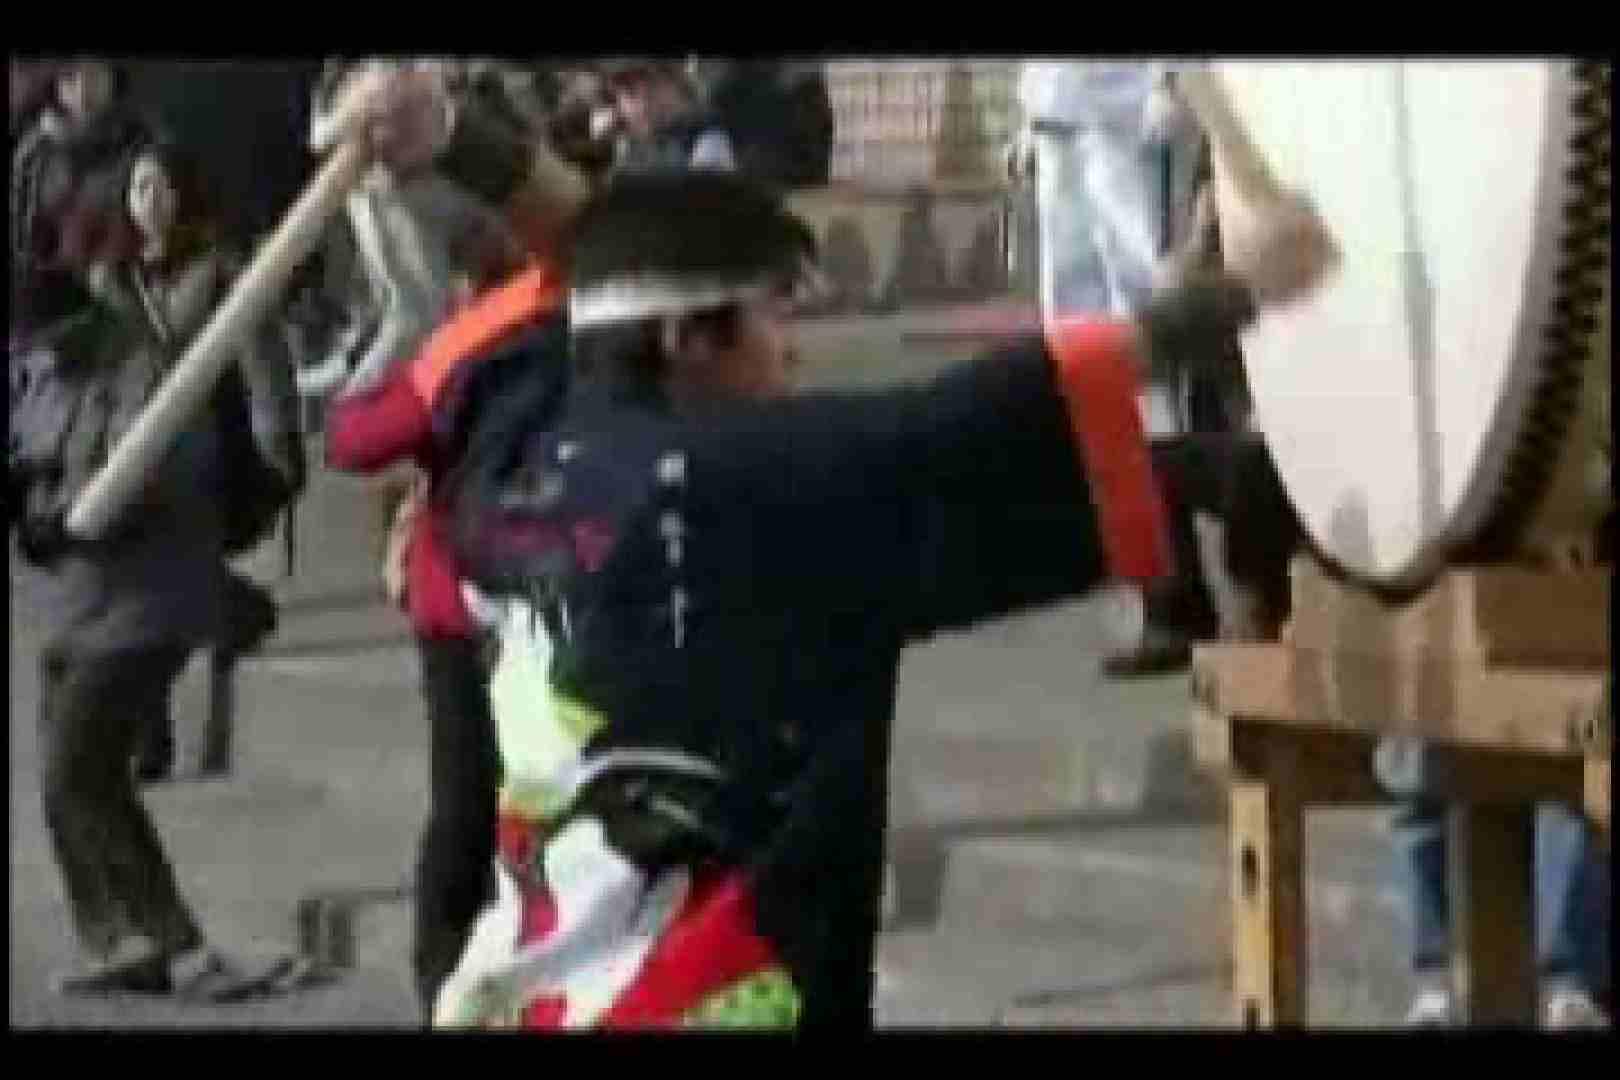 陰間茶屋 男児祭り VOL.1 野外露出 ゲイ素人エロ画像 66枚 18